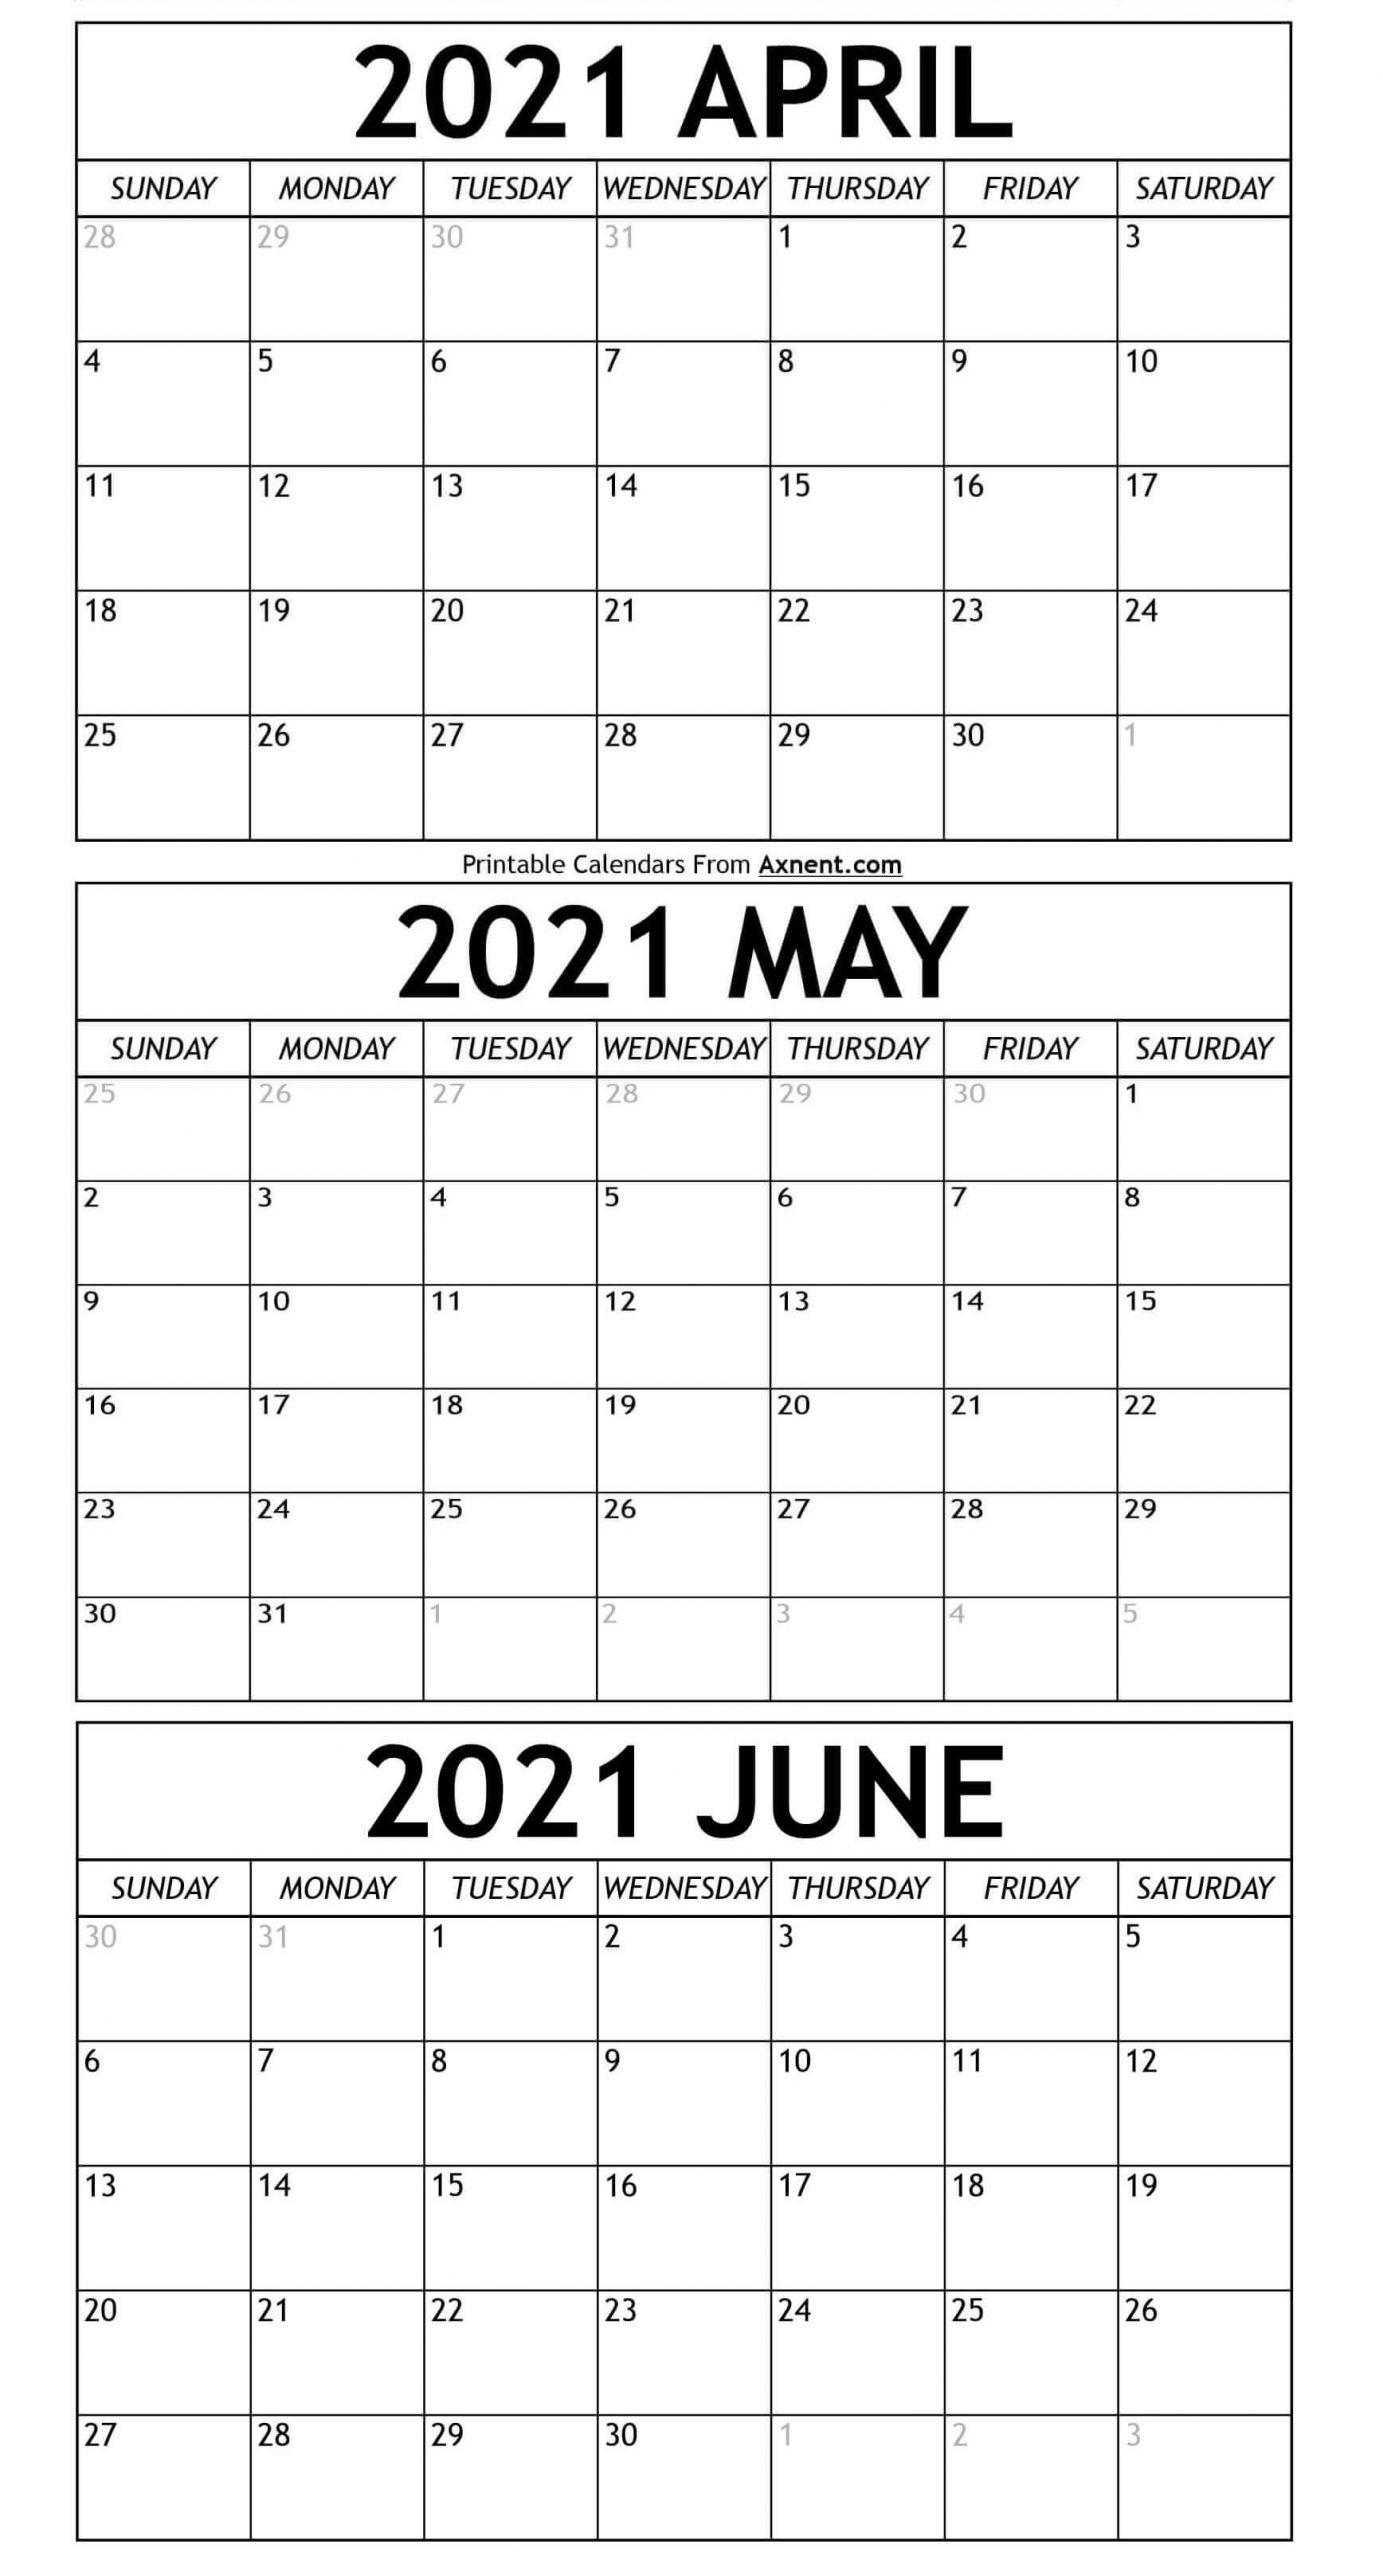 Take April May 2021